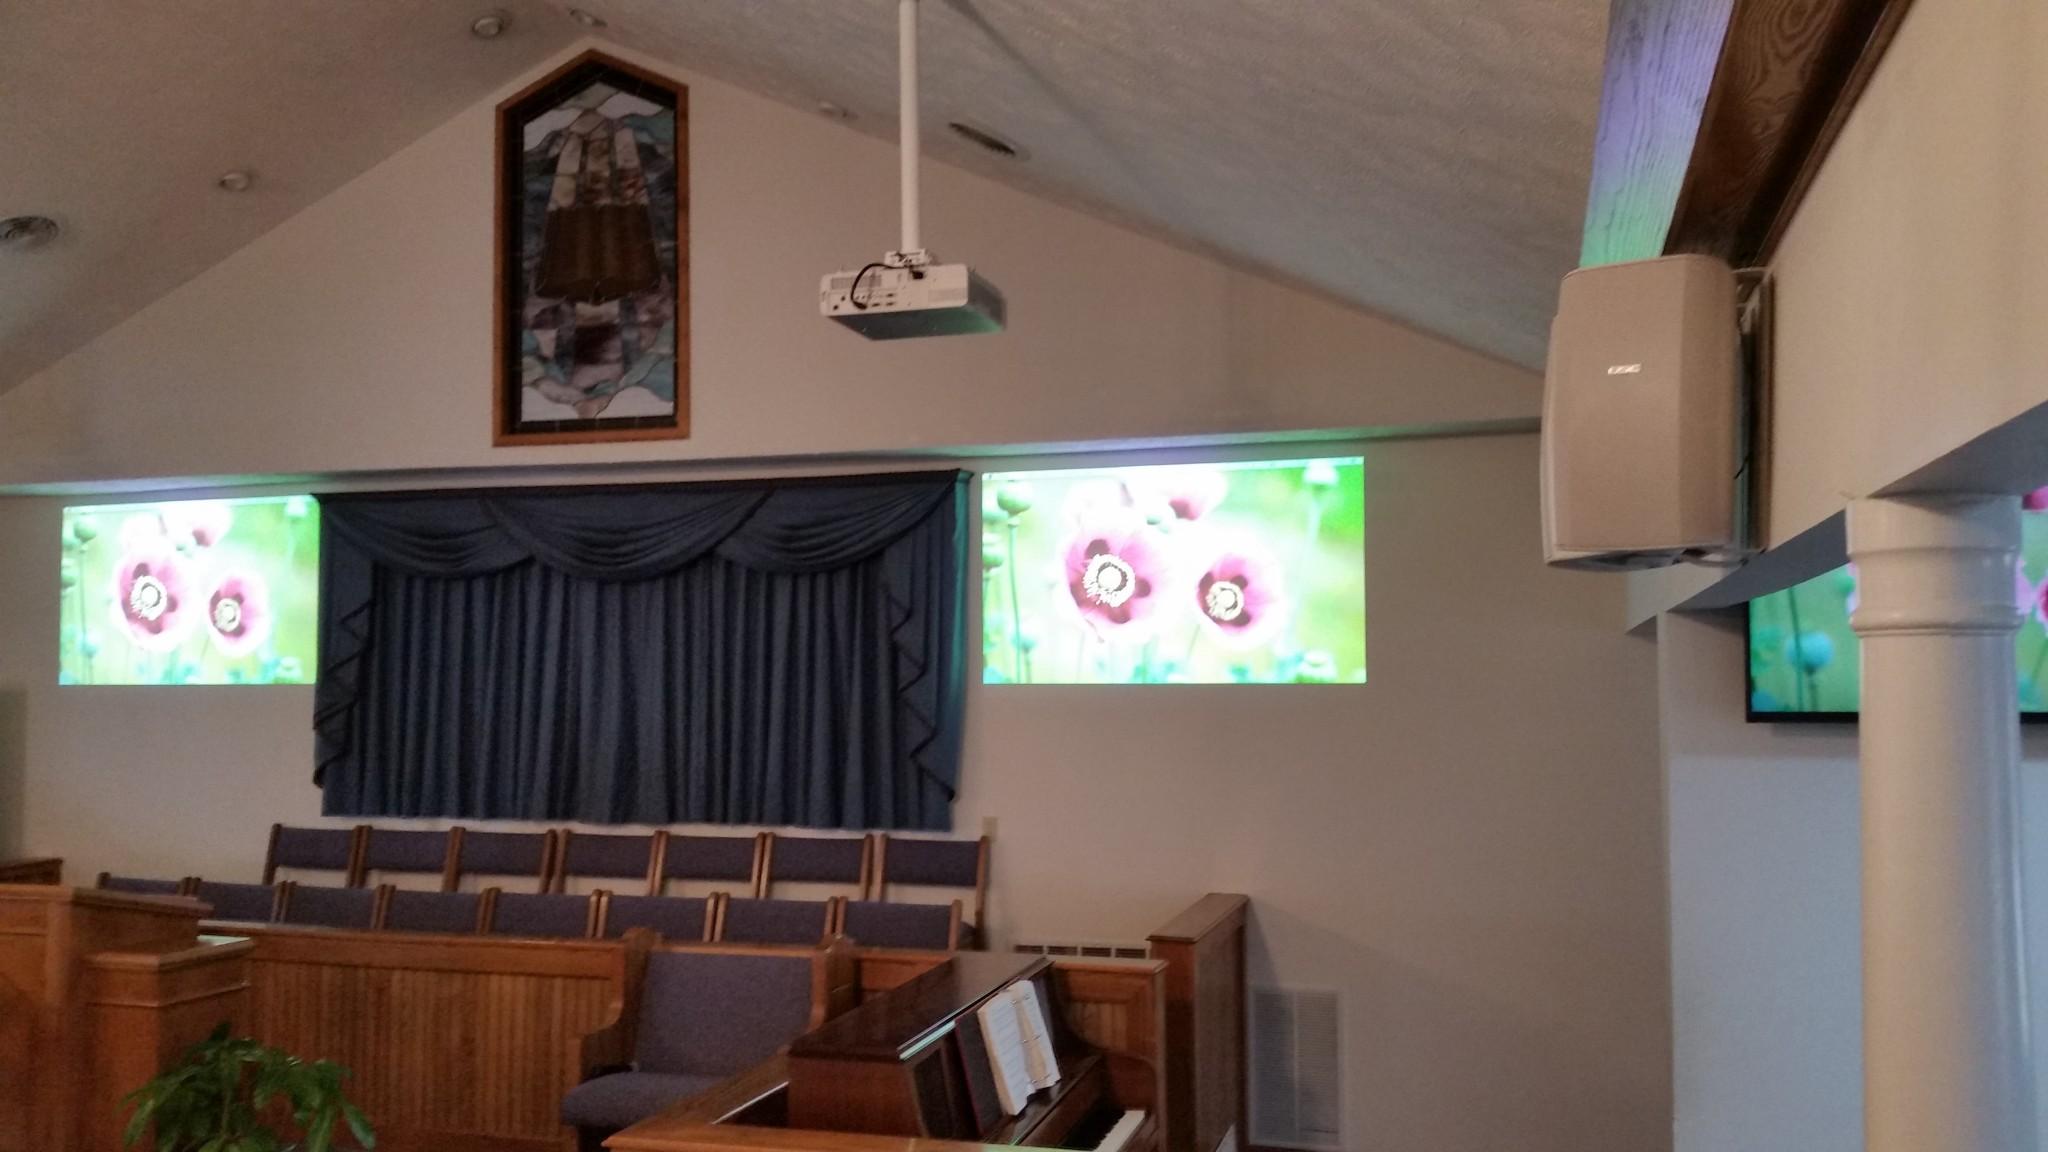 Hornsby Baptist Church - Hornsby, TN